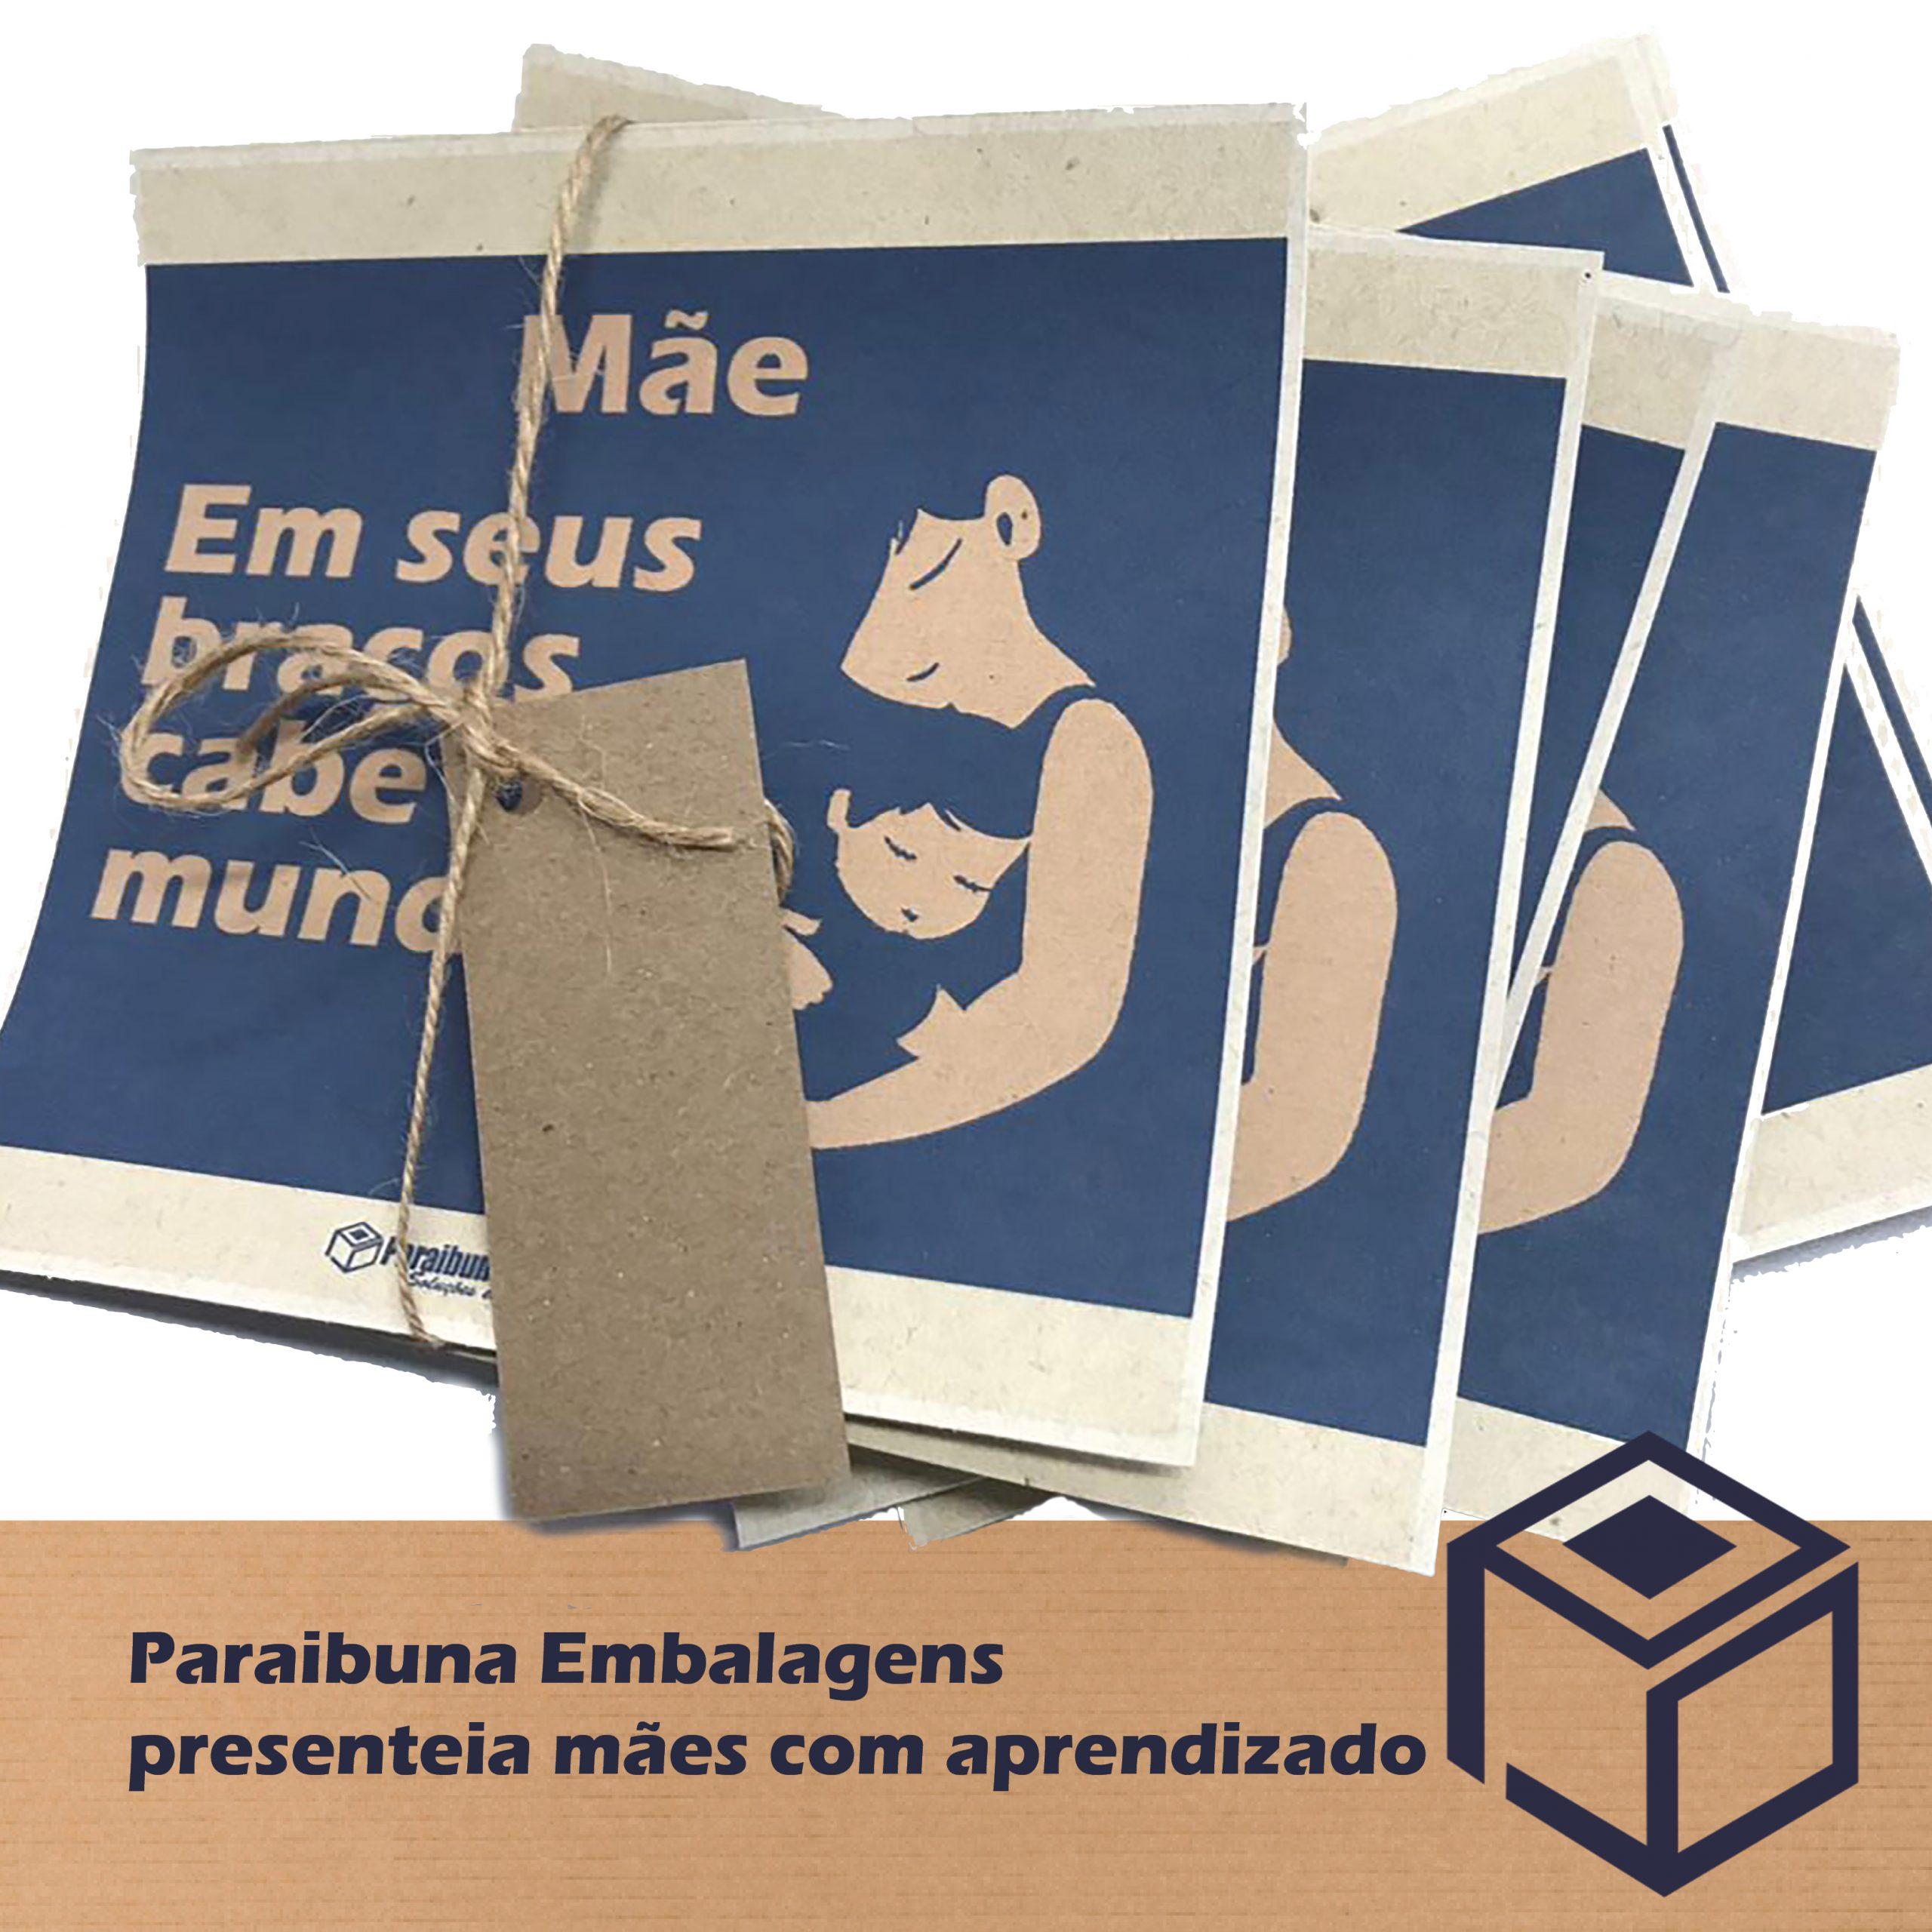 Paraibuna Embalagens presenteia mães com aprendizado